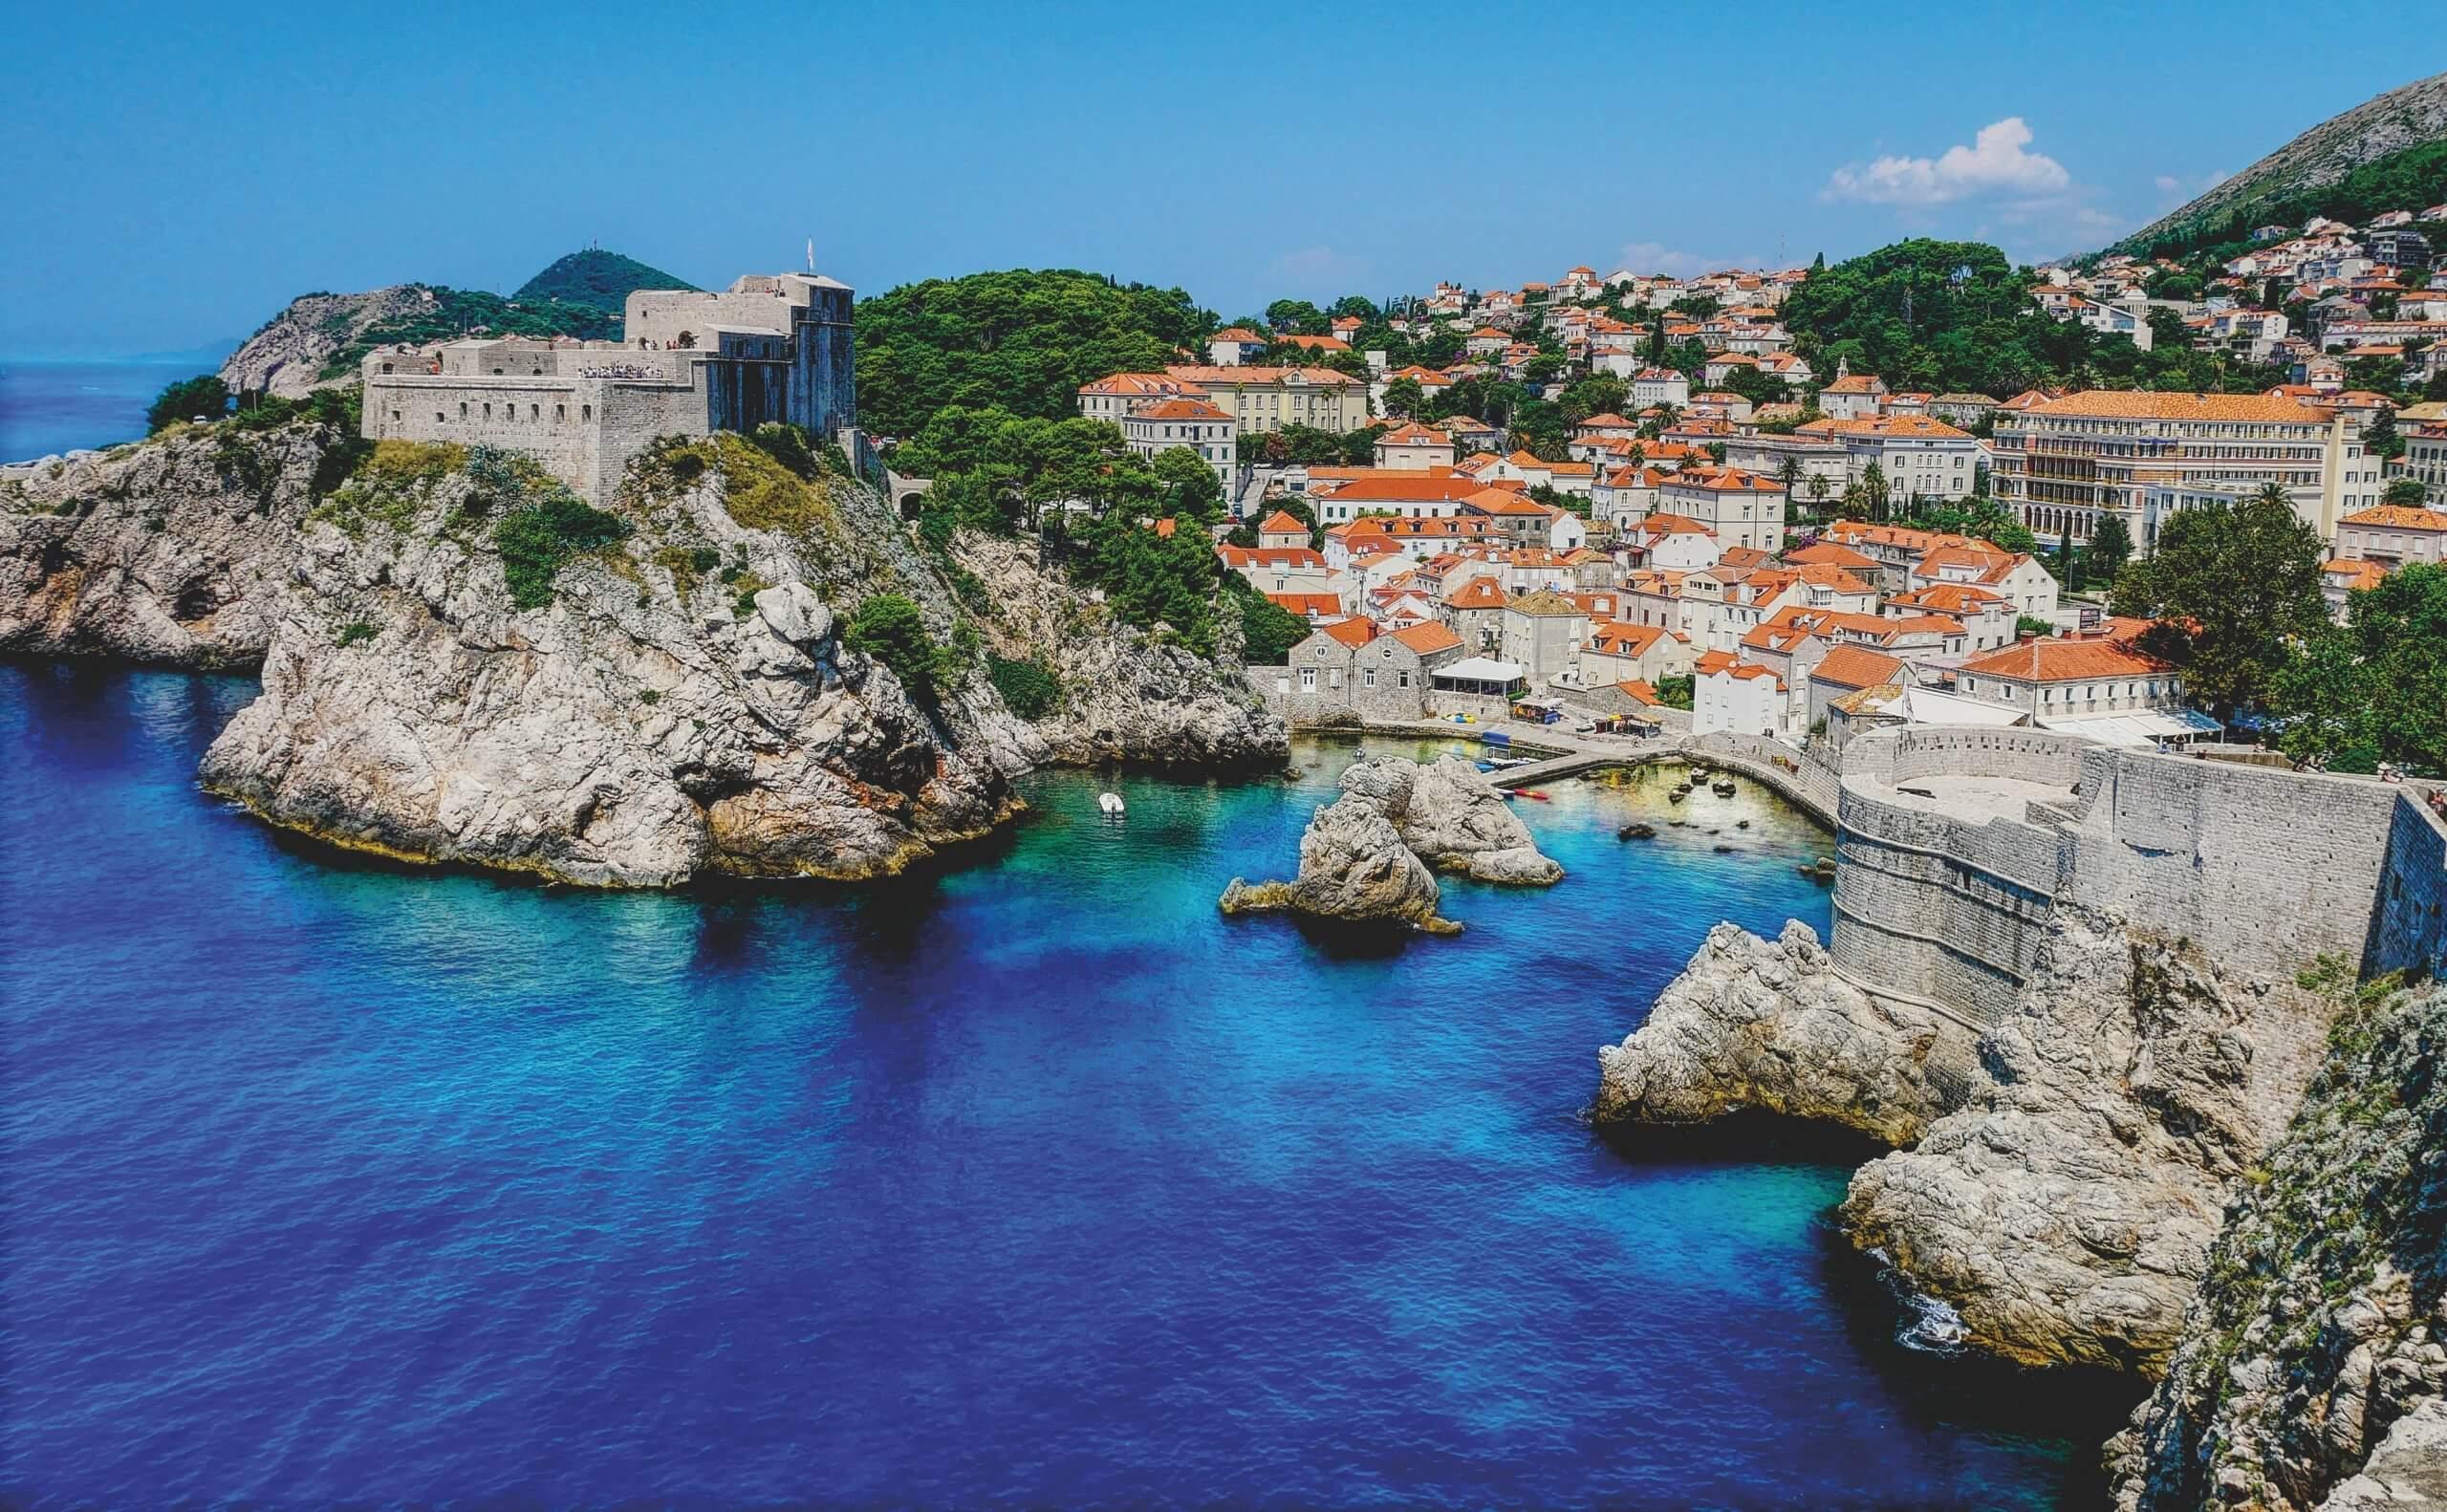 Ambiciozni planovi vlasnice turističke agencije: Gradit će hotele u Opatiji, Dubrovniku i Splitu